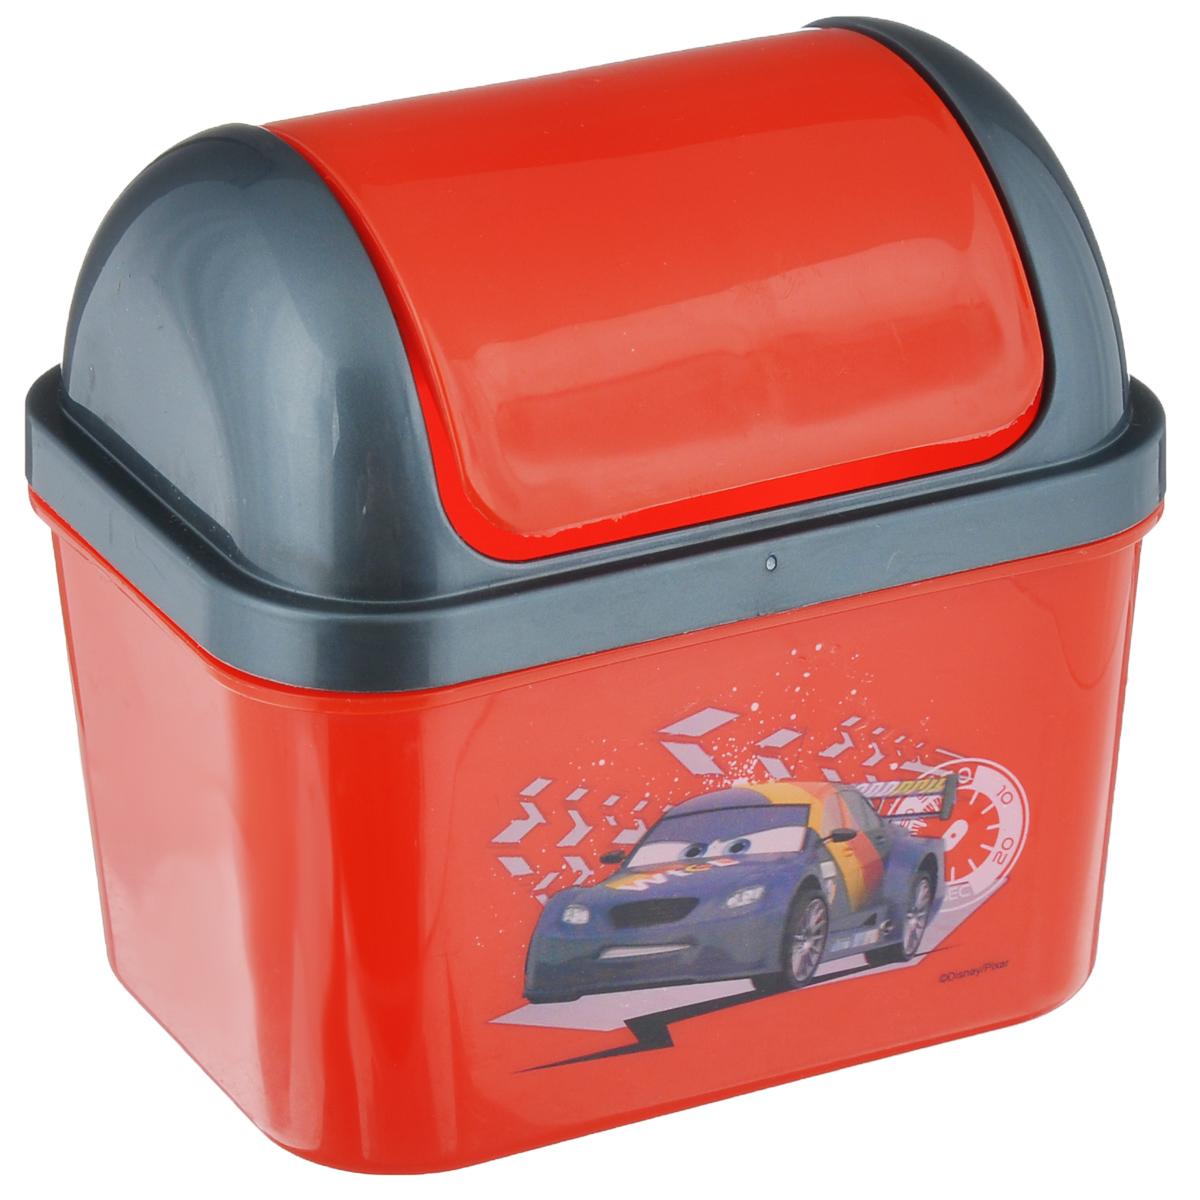 Контейнер для мусора Полимербыт Тачки, 0,580653Детский контейнер для мусора Полимербыт Тачки выполнен из высококачественного пластика и украшен изображением героя мультфильма. Изделие оснащено плавающей крышкой. Такой контейнер подойдет для выбрасывания небольших отходов, таких как бумага, стружка карандаша, фантики.Размер контейнера с учетом крышки: 11,5 см х 8,5 см х 11 см.Размер контейнера с без учета крышки: 11,5 см х 8,5 см х 7 см.